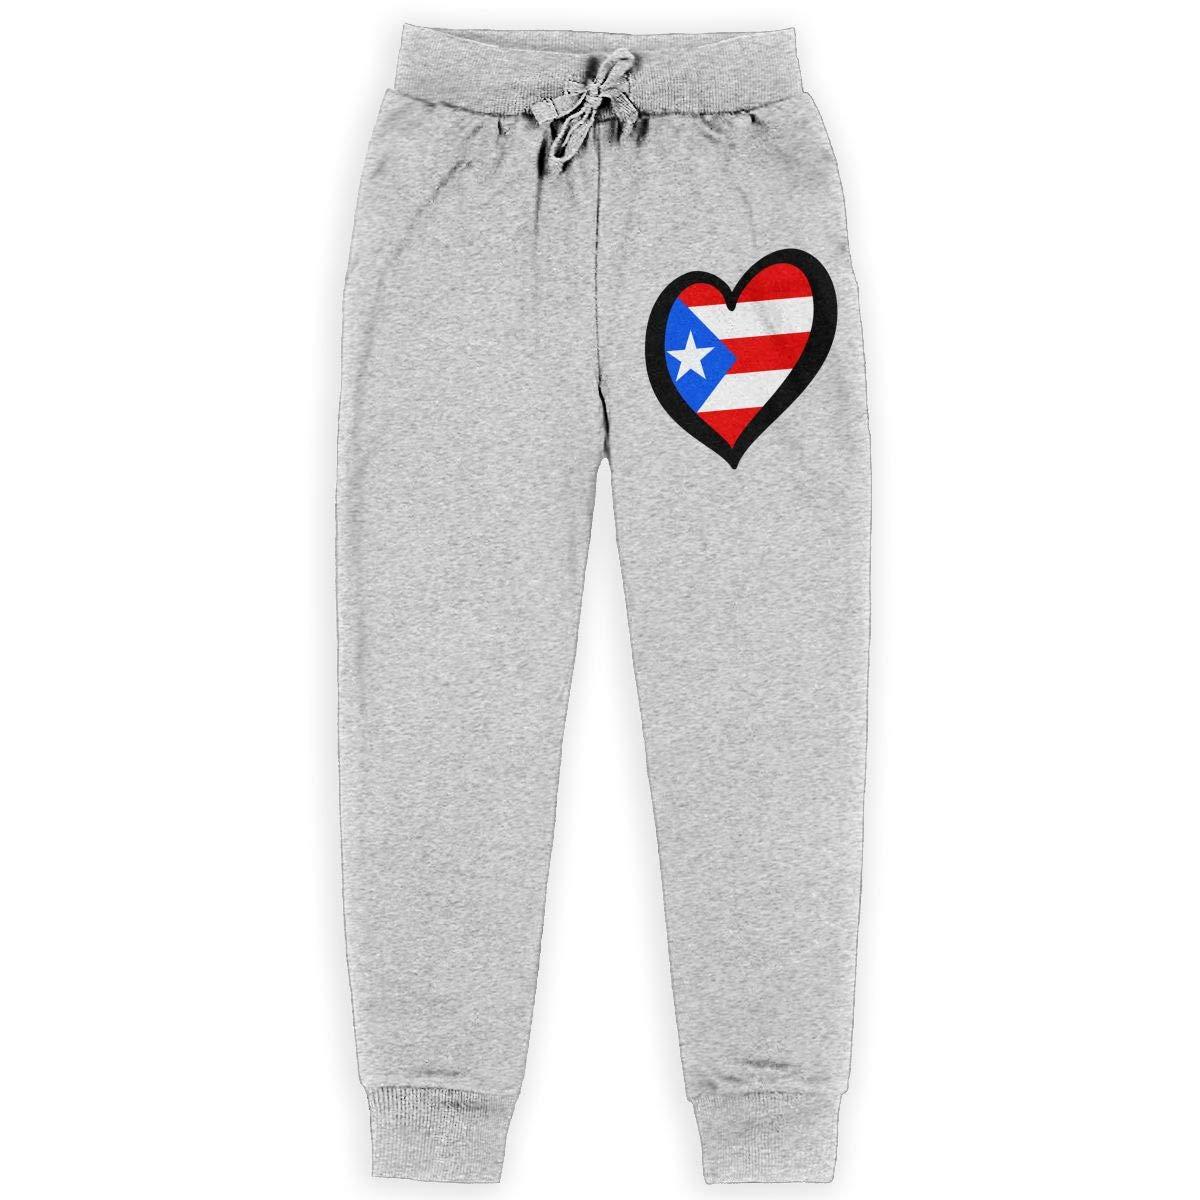 Boys Sweatpants Heart Shaped Puerto Rico Flag Active Pants